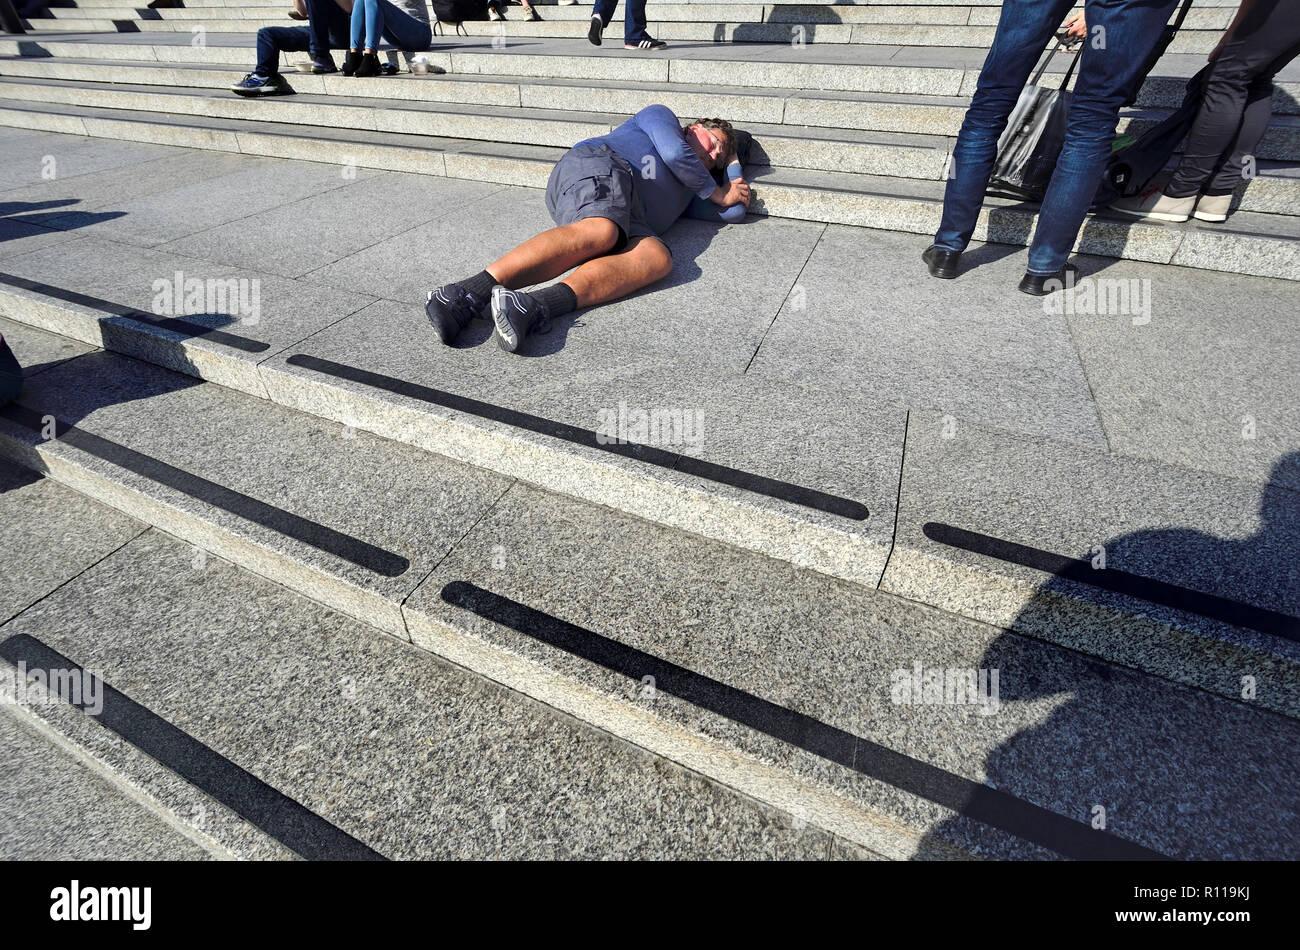 Menschen schlafen auf die Schritte, um die National Gallery am Trafalgar Square, London, England, UK. Stockbild